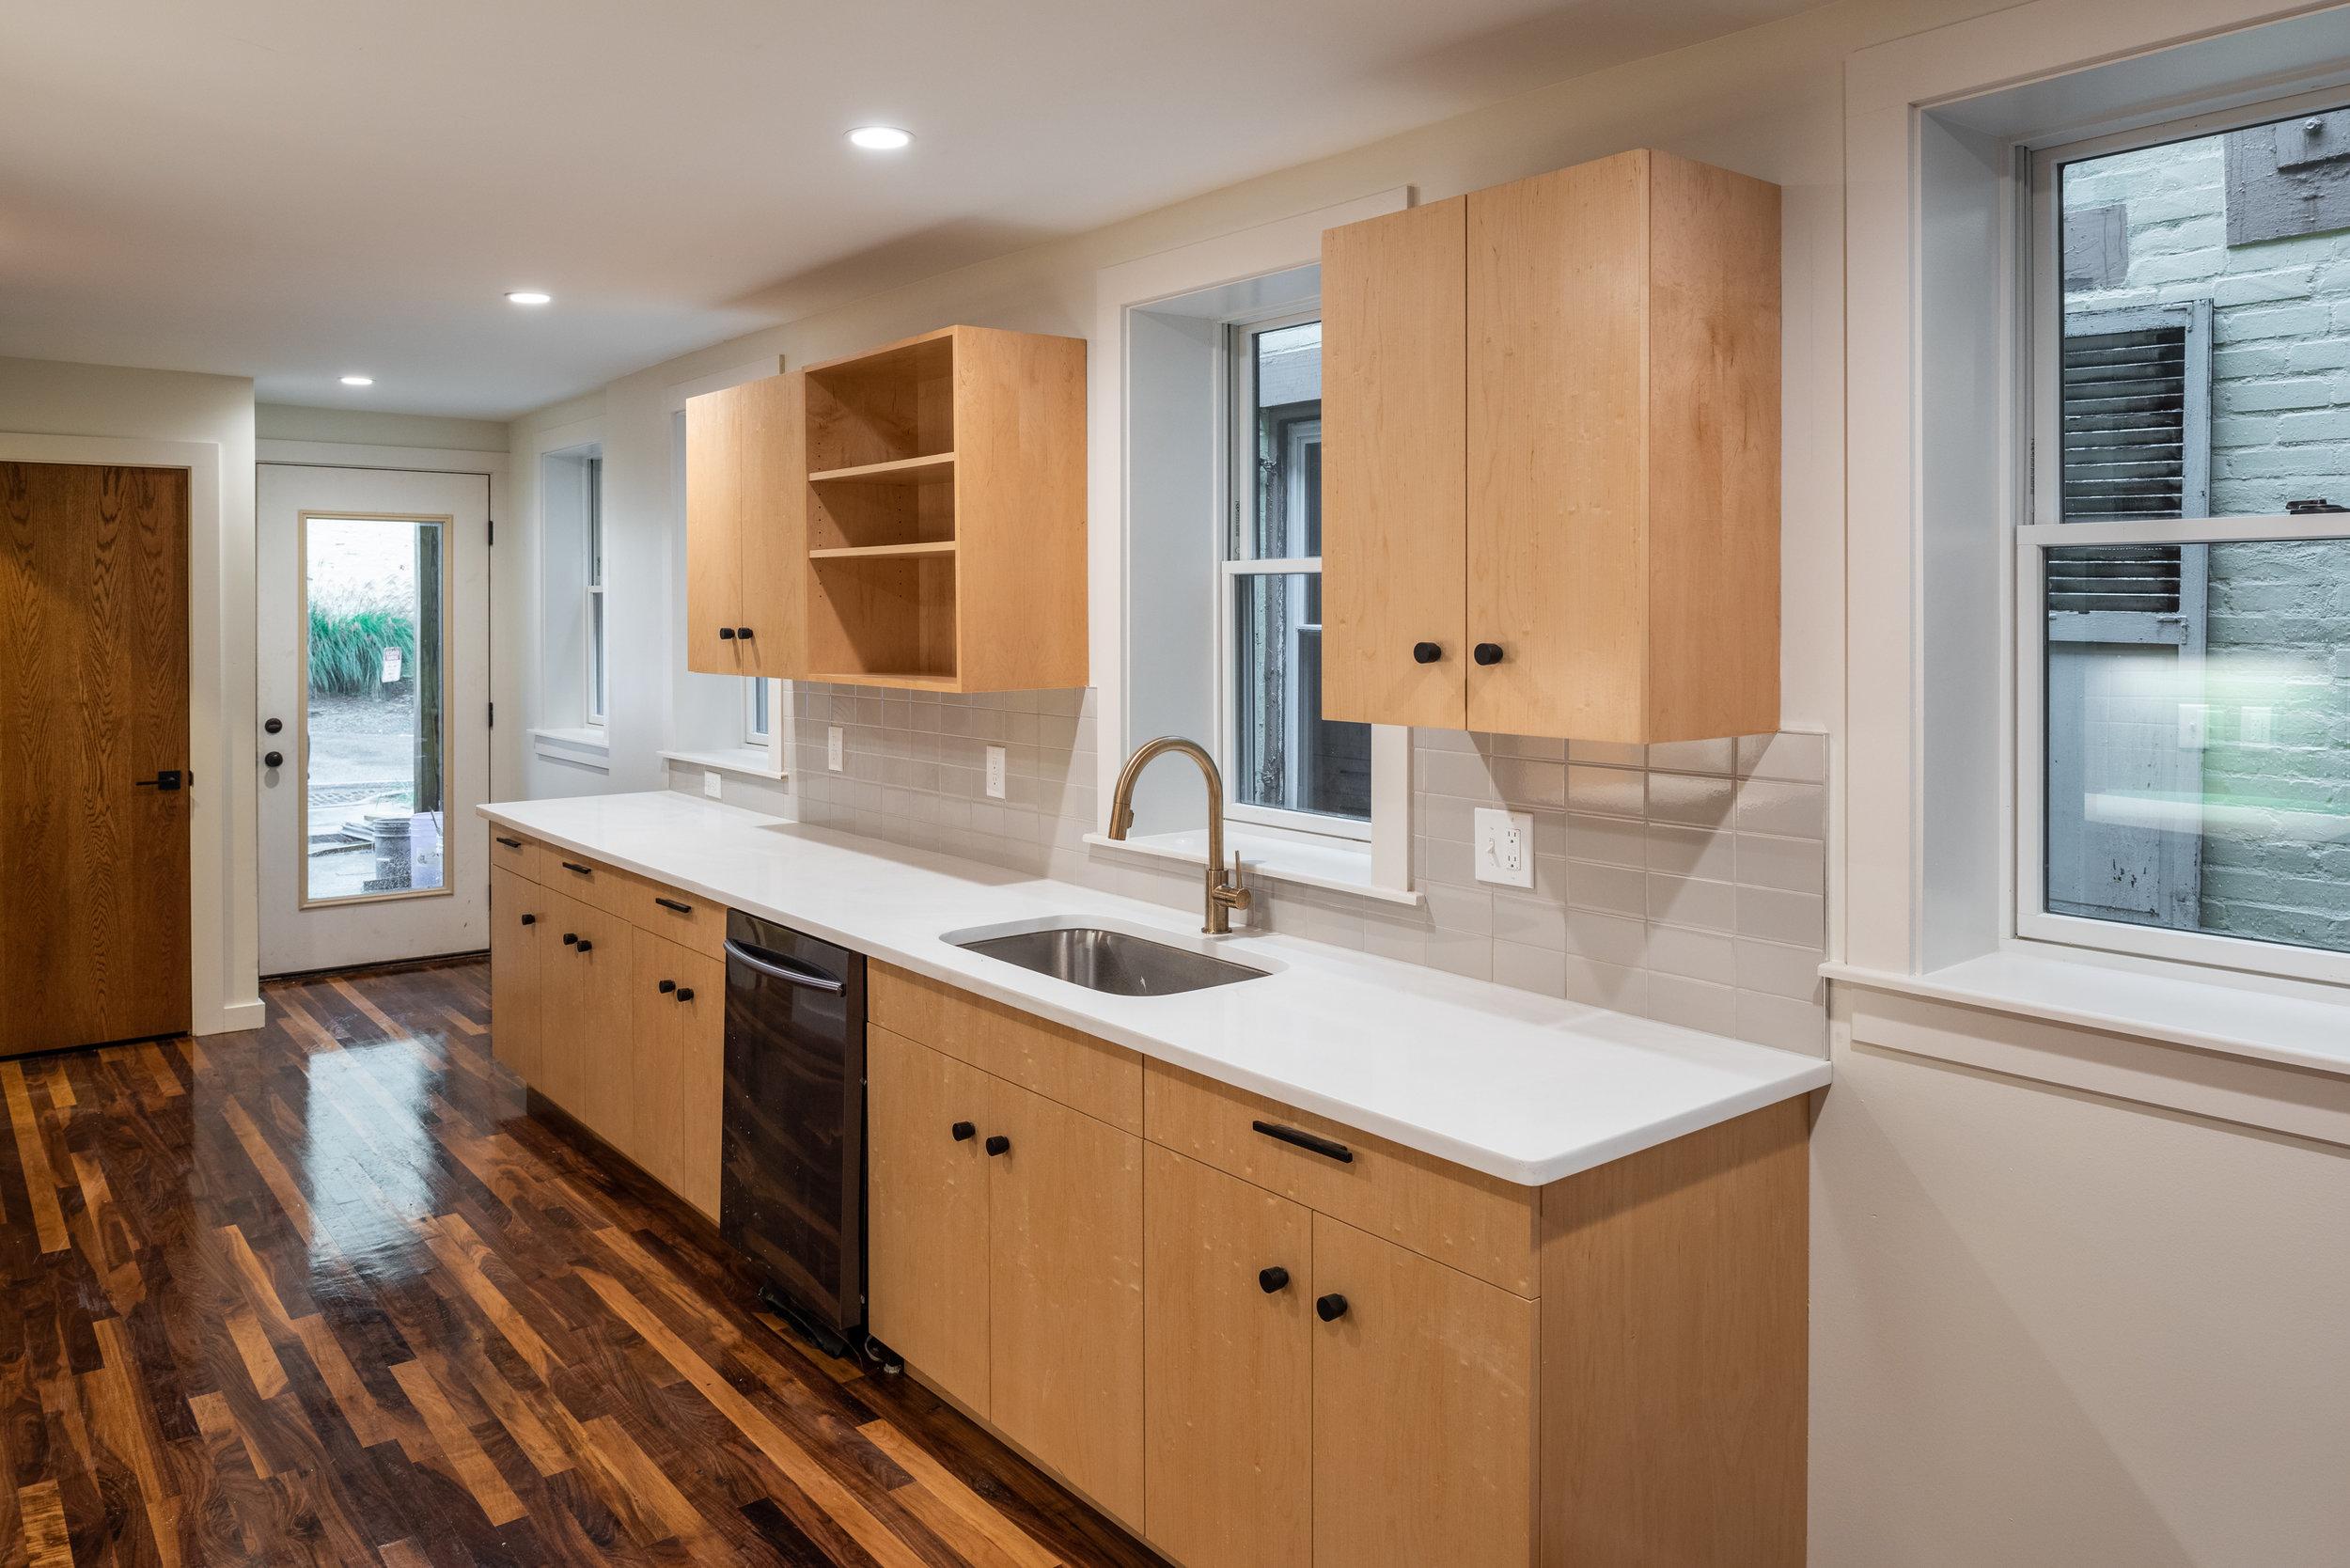 1426 Main kitchen 1.4.jpg